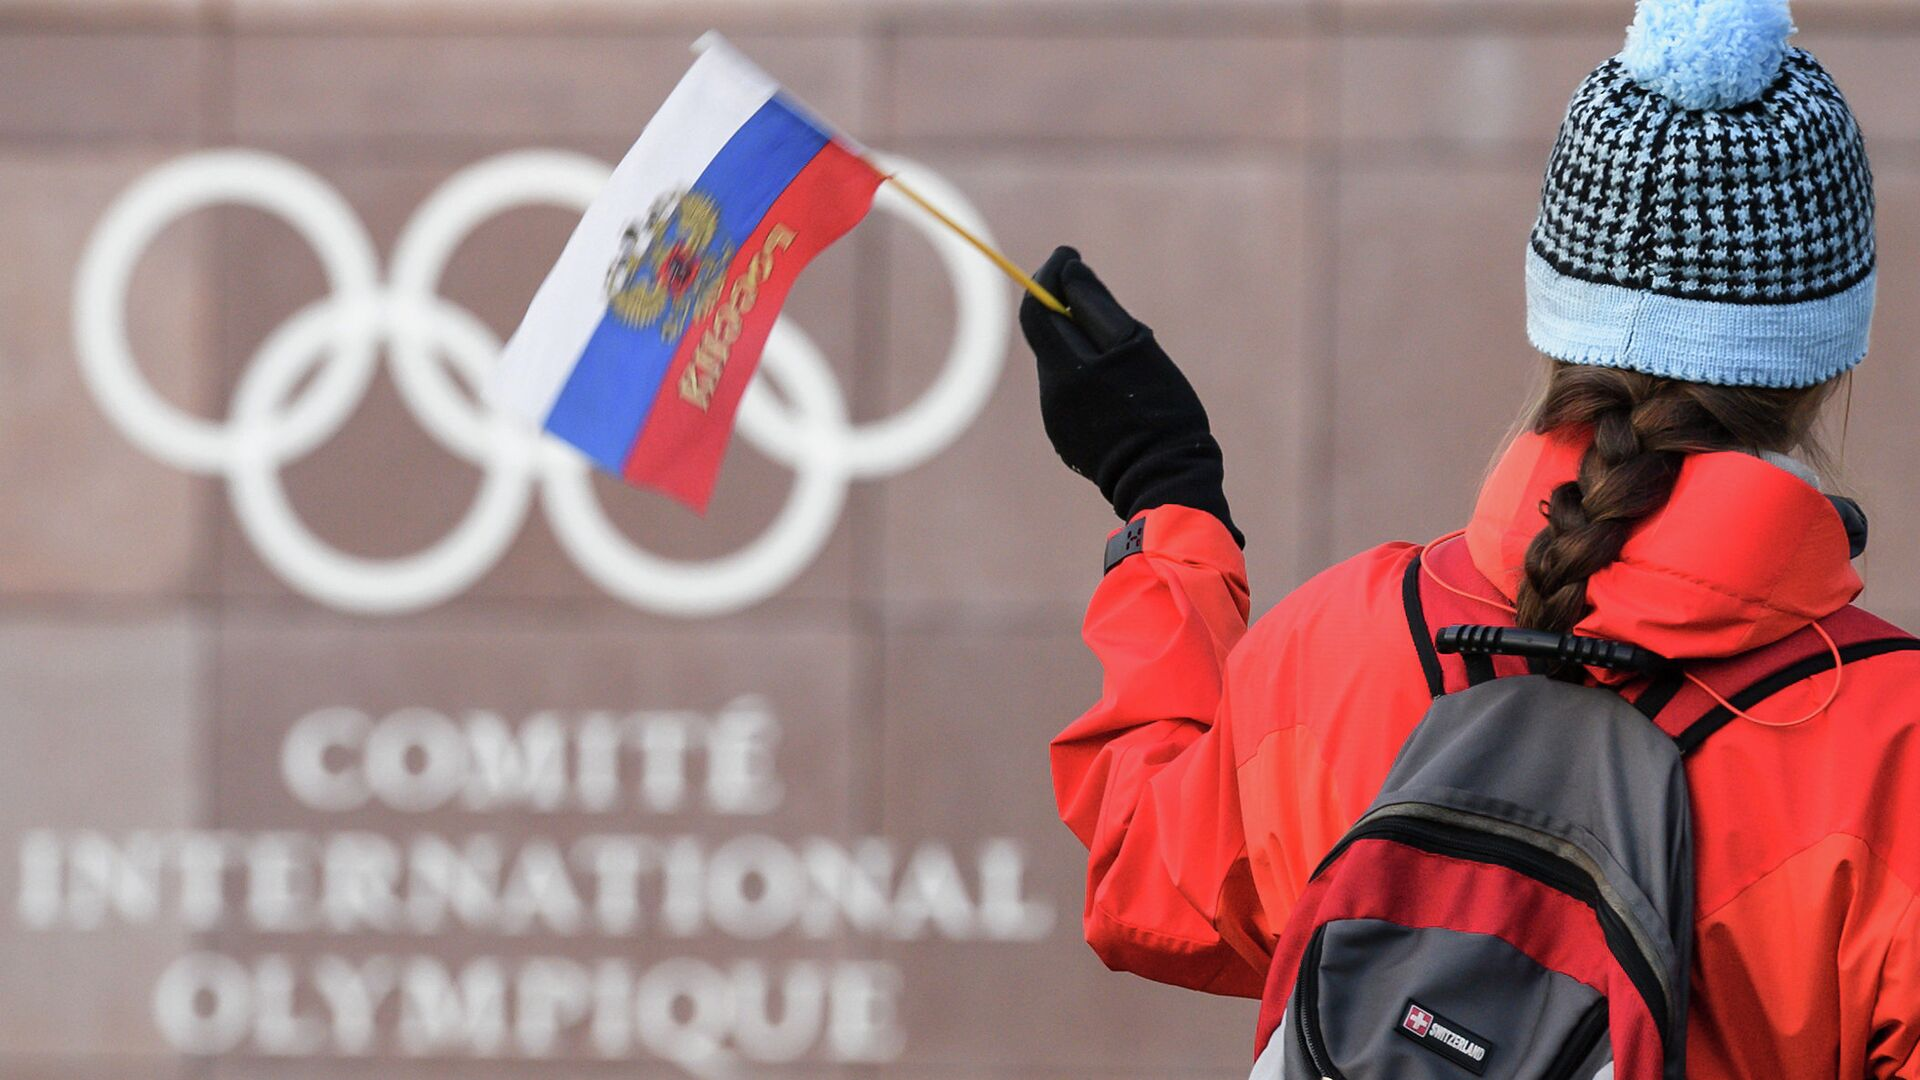 Российский флаг на фоне логотипа Международного олимпийского комитета (МОК) - РИА Новости, 1920, 24.07.2021